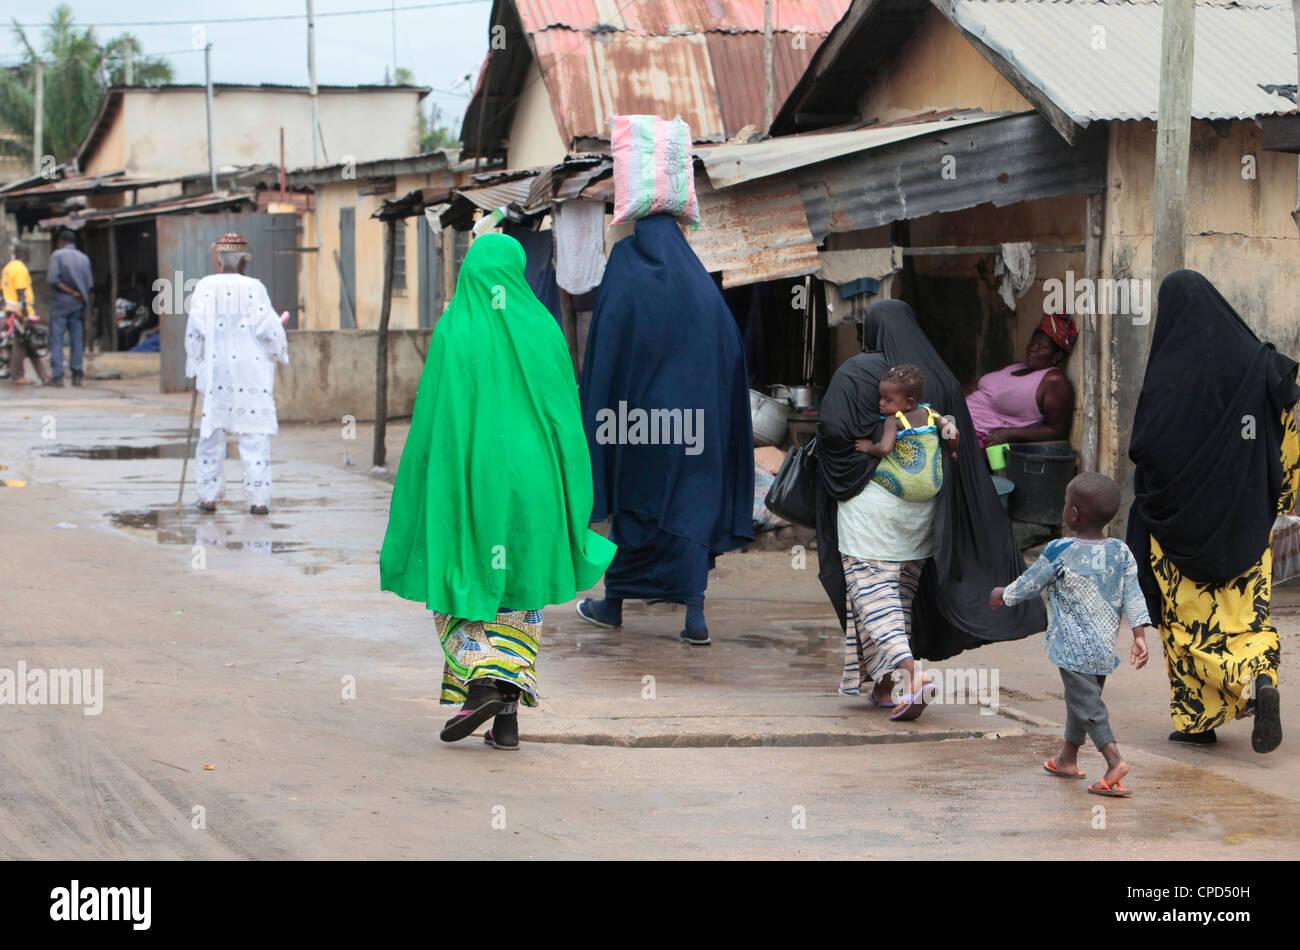 Las mujeres musulmanas en la calle, Lomé, Togo, África occidental, África Imagen De Stock